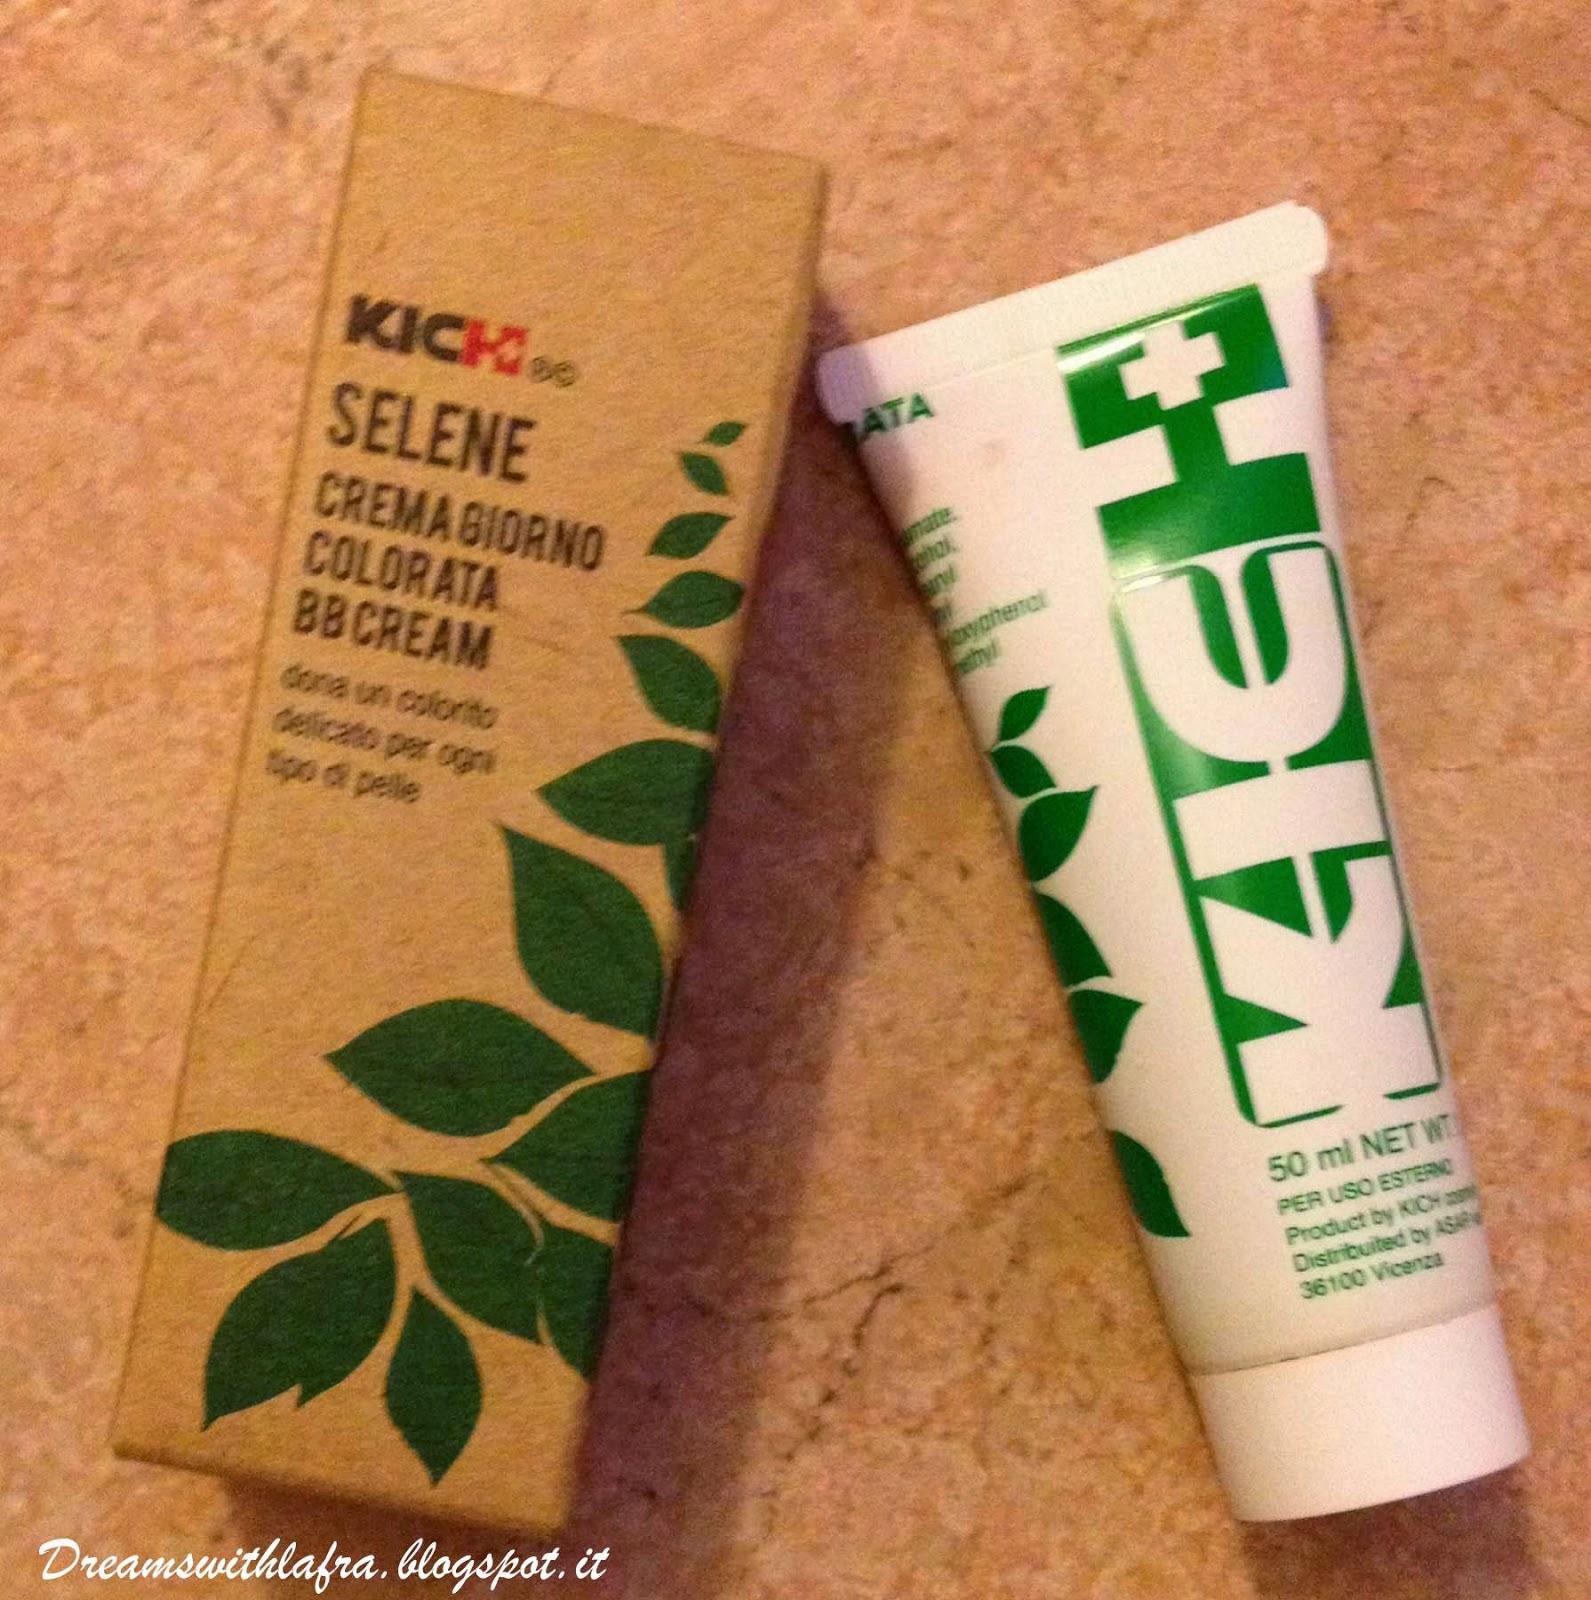 http://www.kich.eu/shop/creme-2/selene-crema-giorno-colorata-bb-cream/